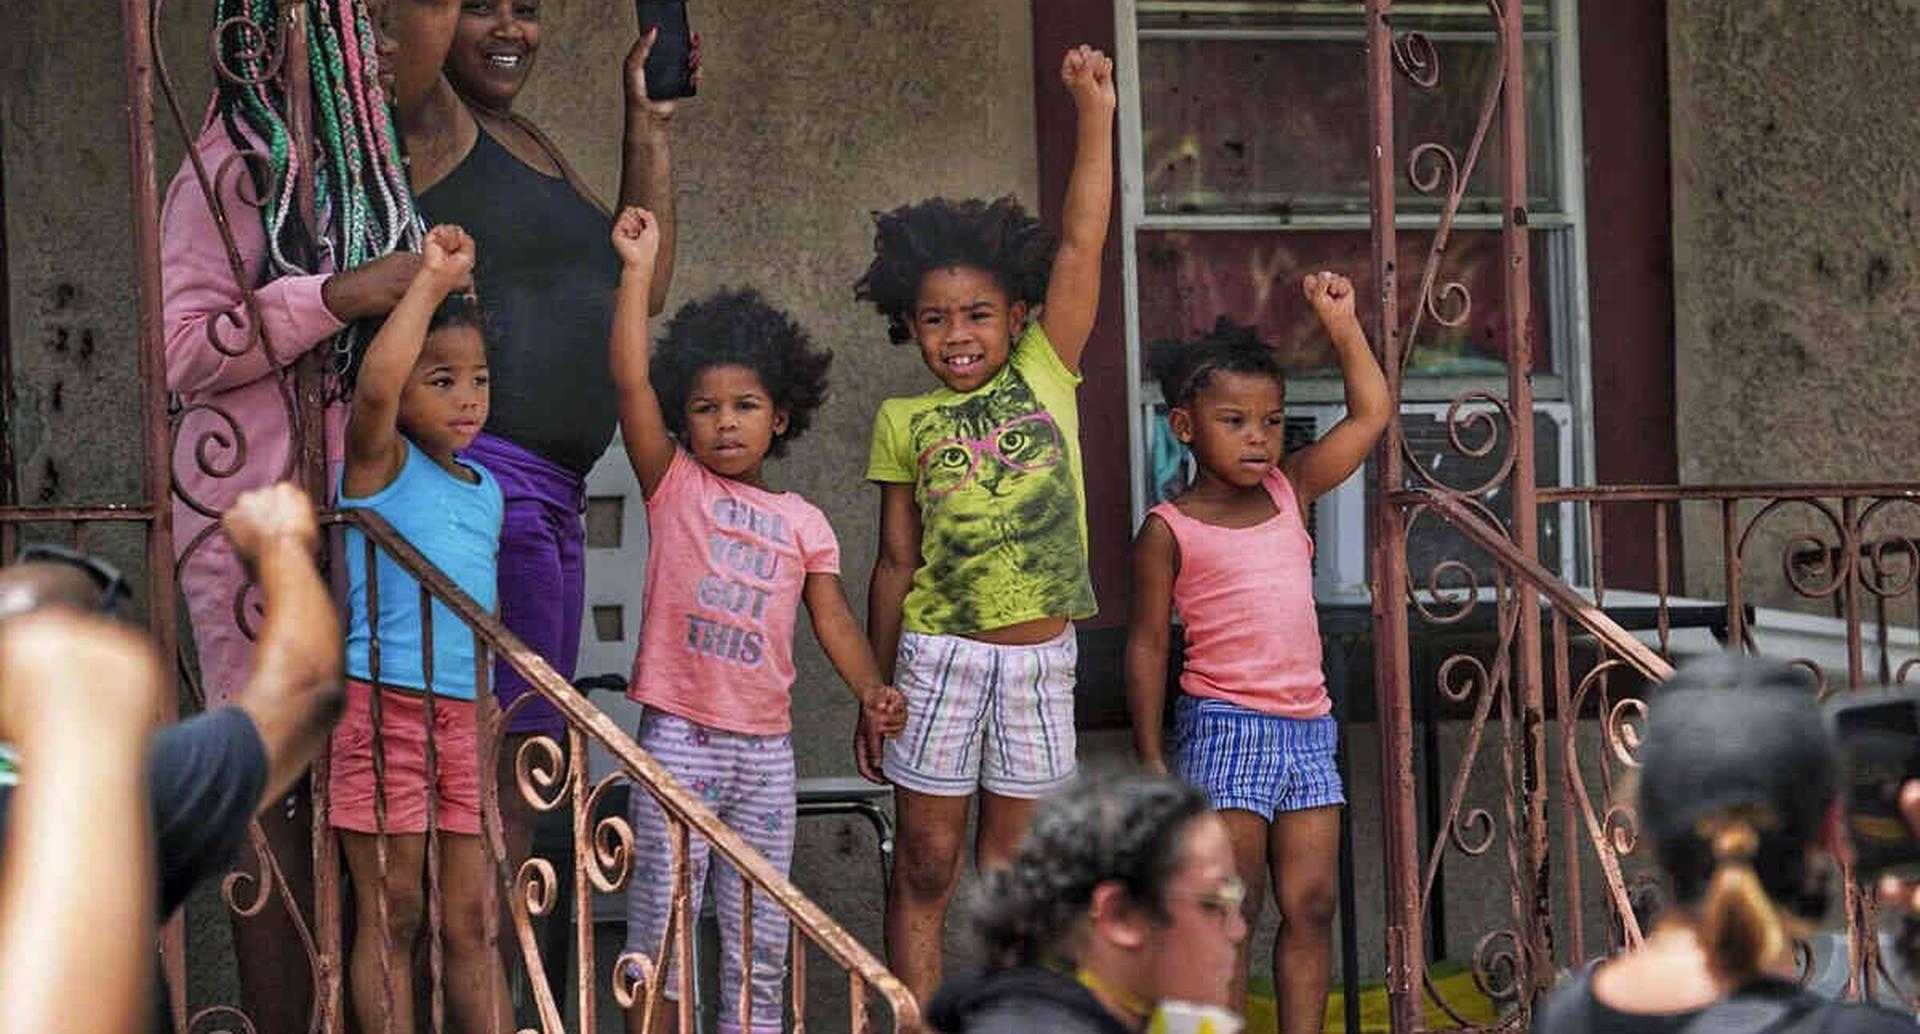 Los niños también muestran su apoyo a una marcha de Black Lives Matter el domingo 31 de mayo de 2020 en Tampa, Florida. Por segundo día consecutivo, los manifestantes salieron a las calles para protestar por la muerte de George Floyd. Foto: Martha Ascencio-Rhine / Tampa Bay Times vía AP.